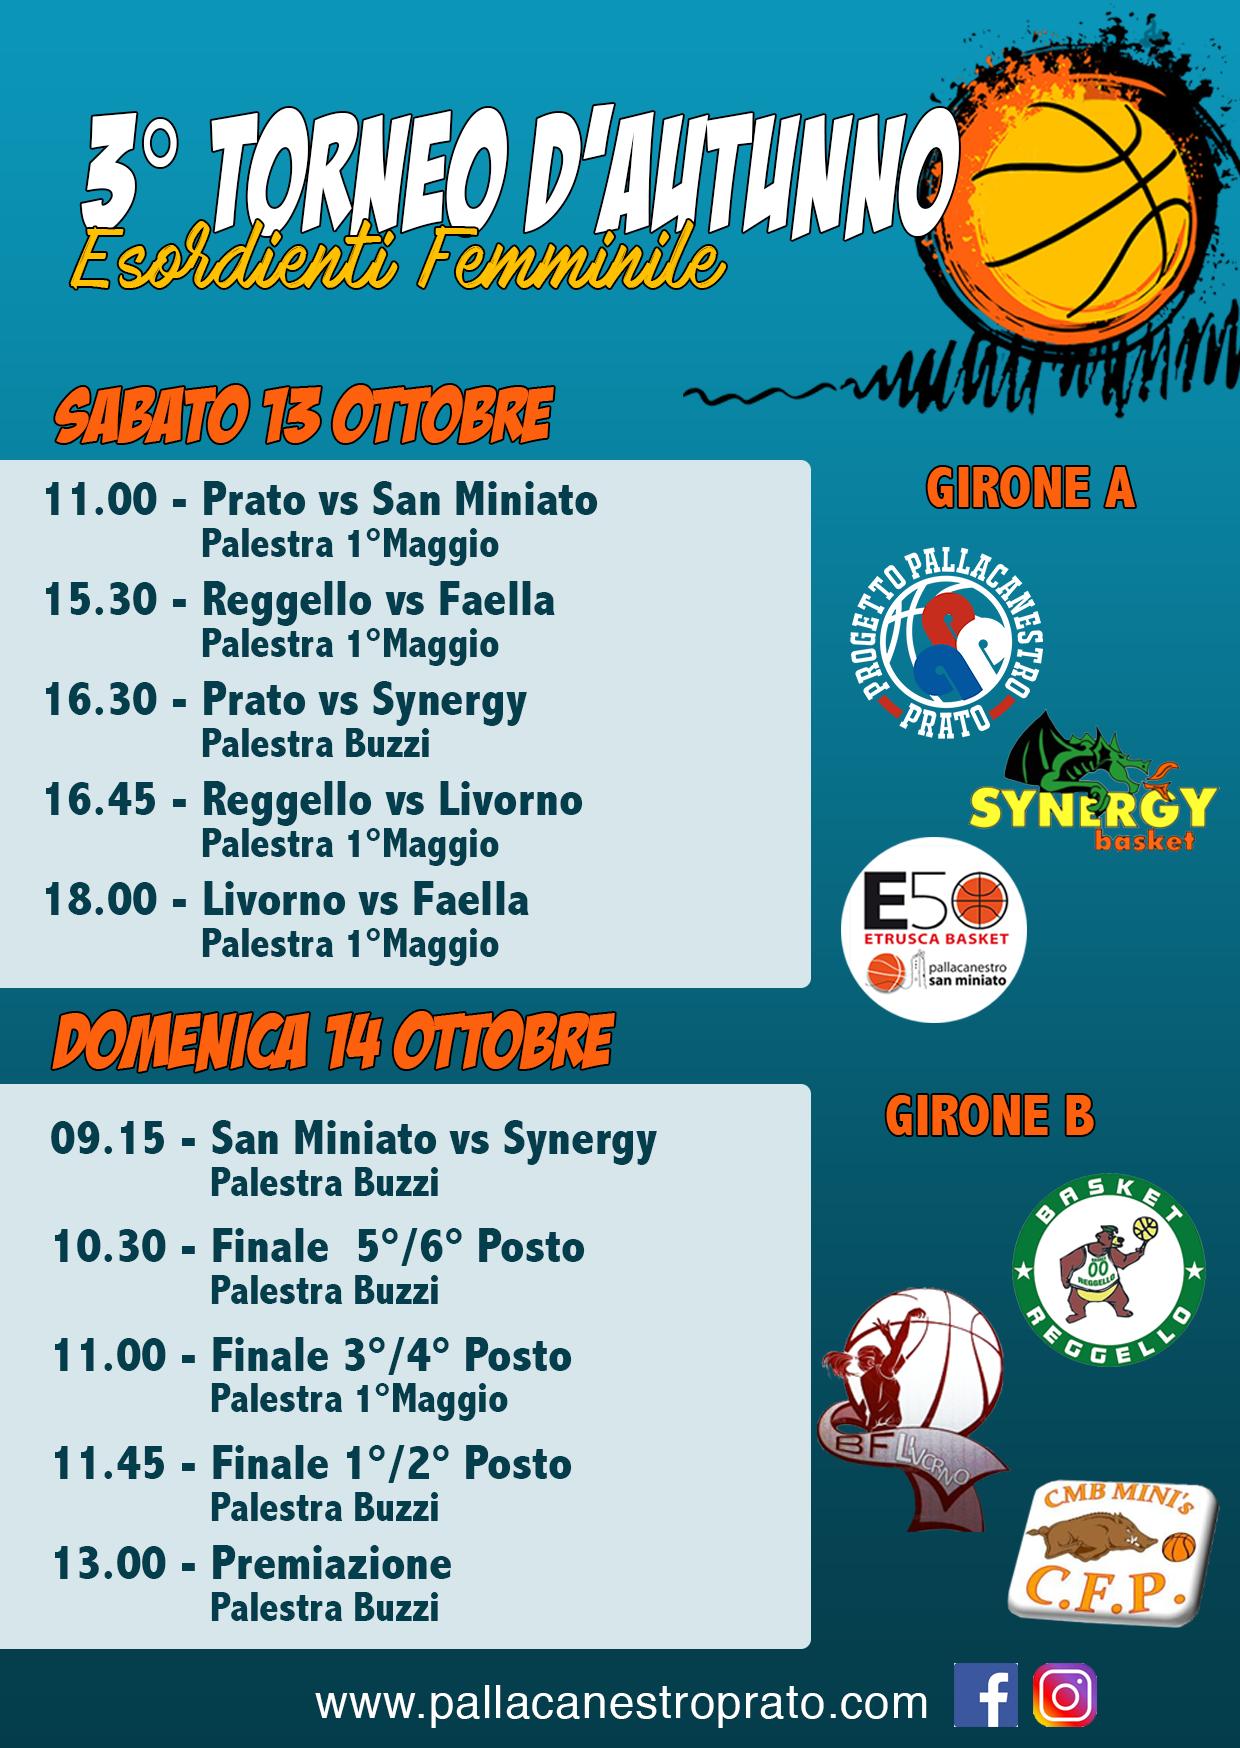 3° Torneo d'autunno 2018_Esordienti_Femminile